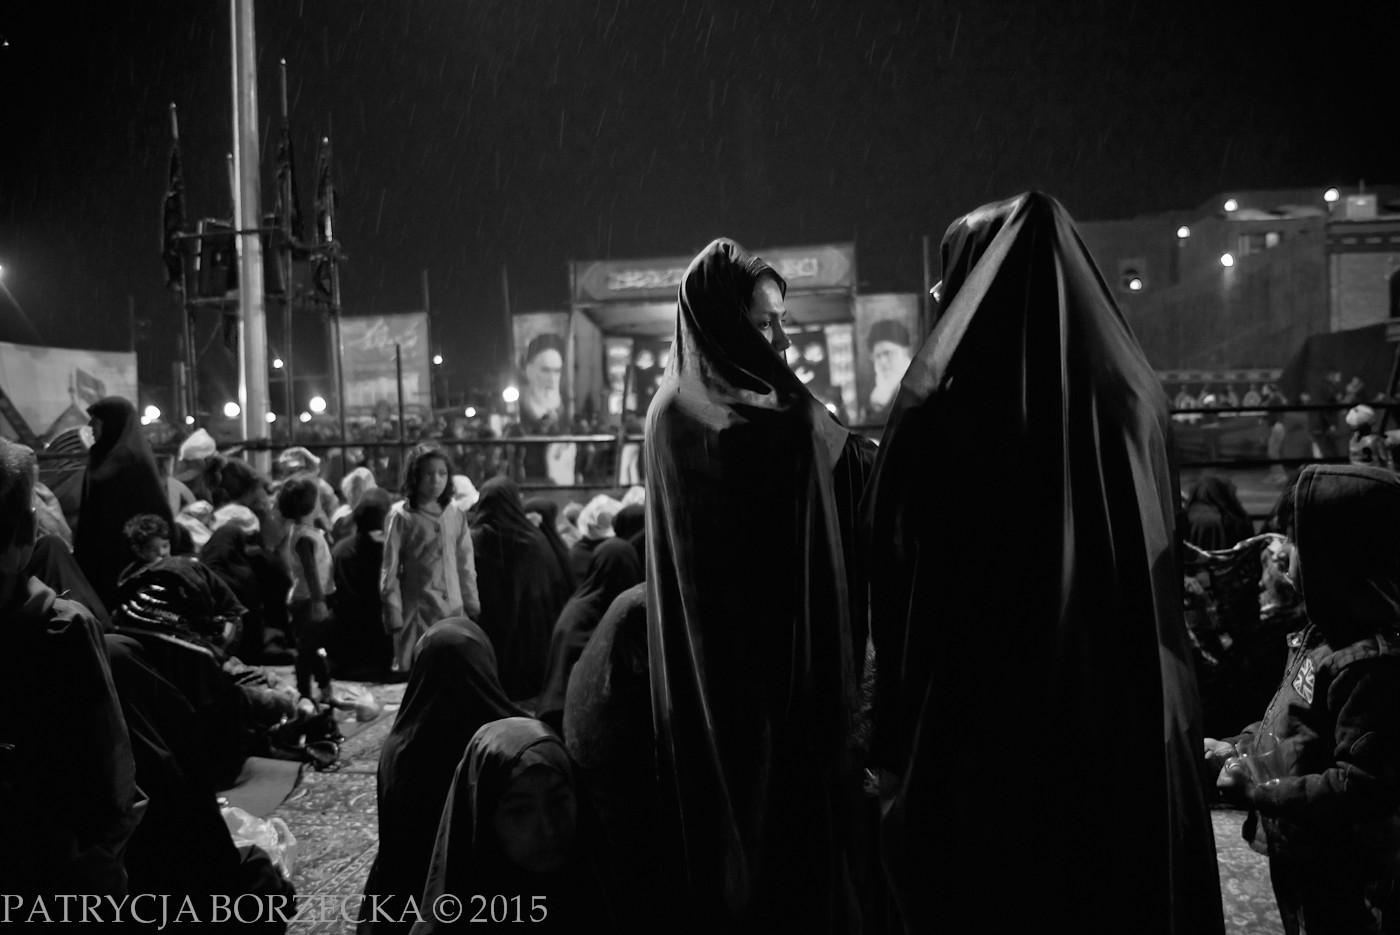 PatrycjaBorzecka-photo-Muharram01